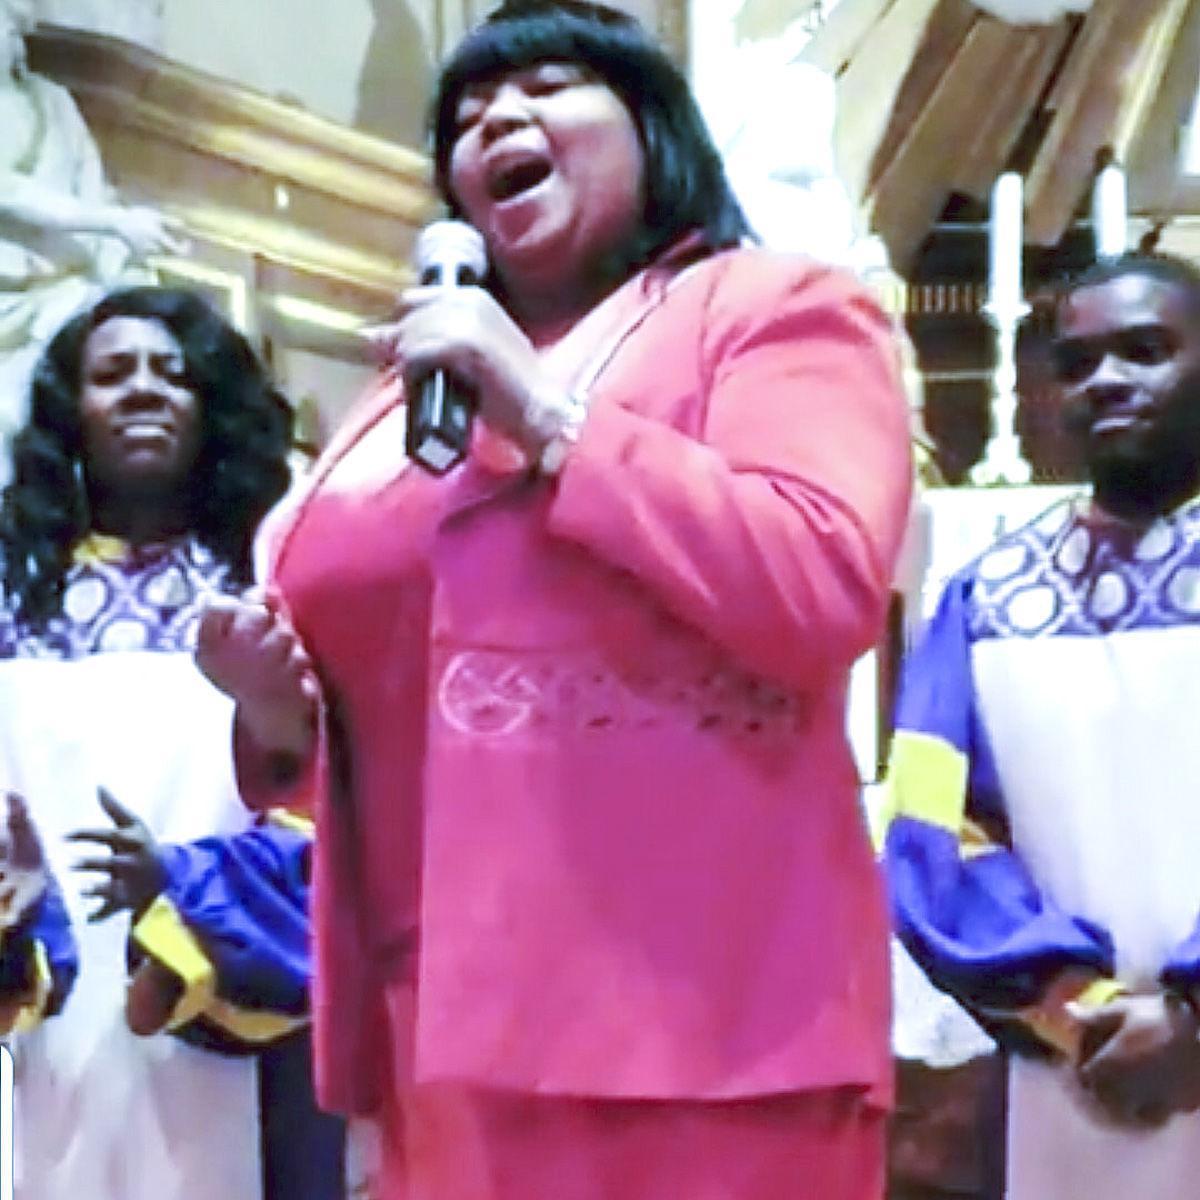 082619 gospel singer angela williams 2